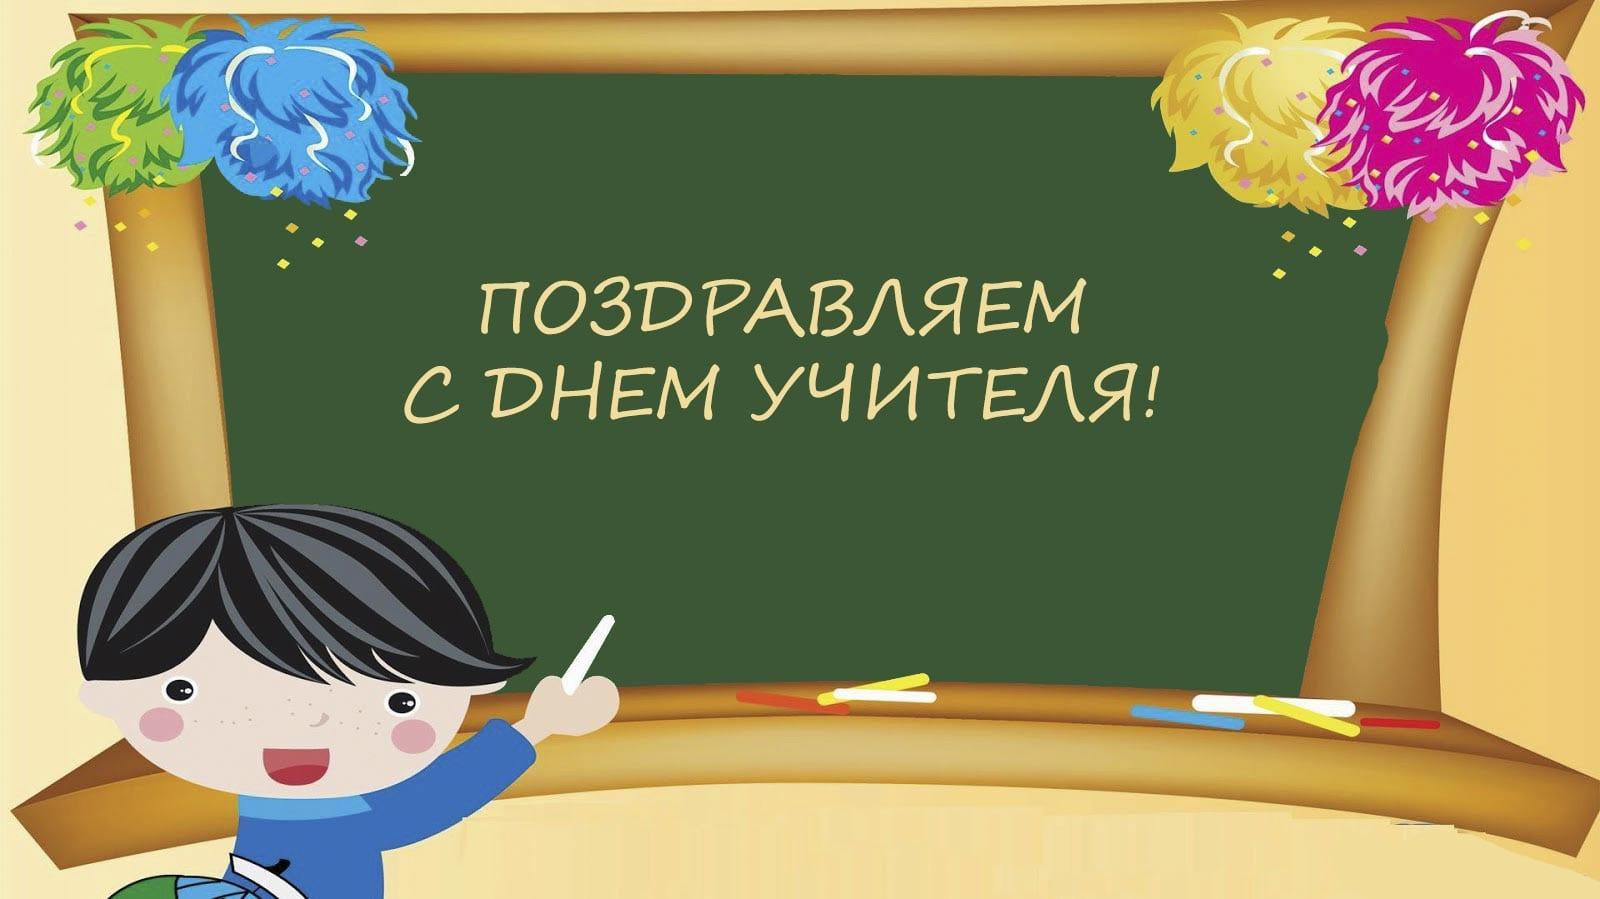 Поздравление на школьной доске